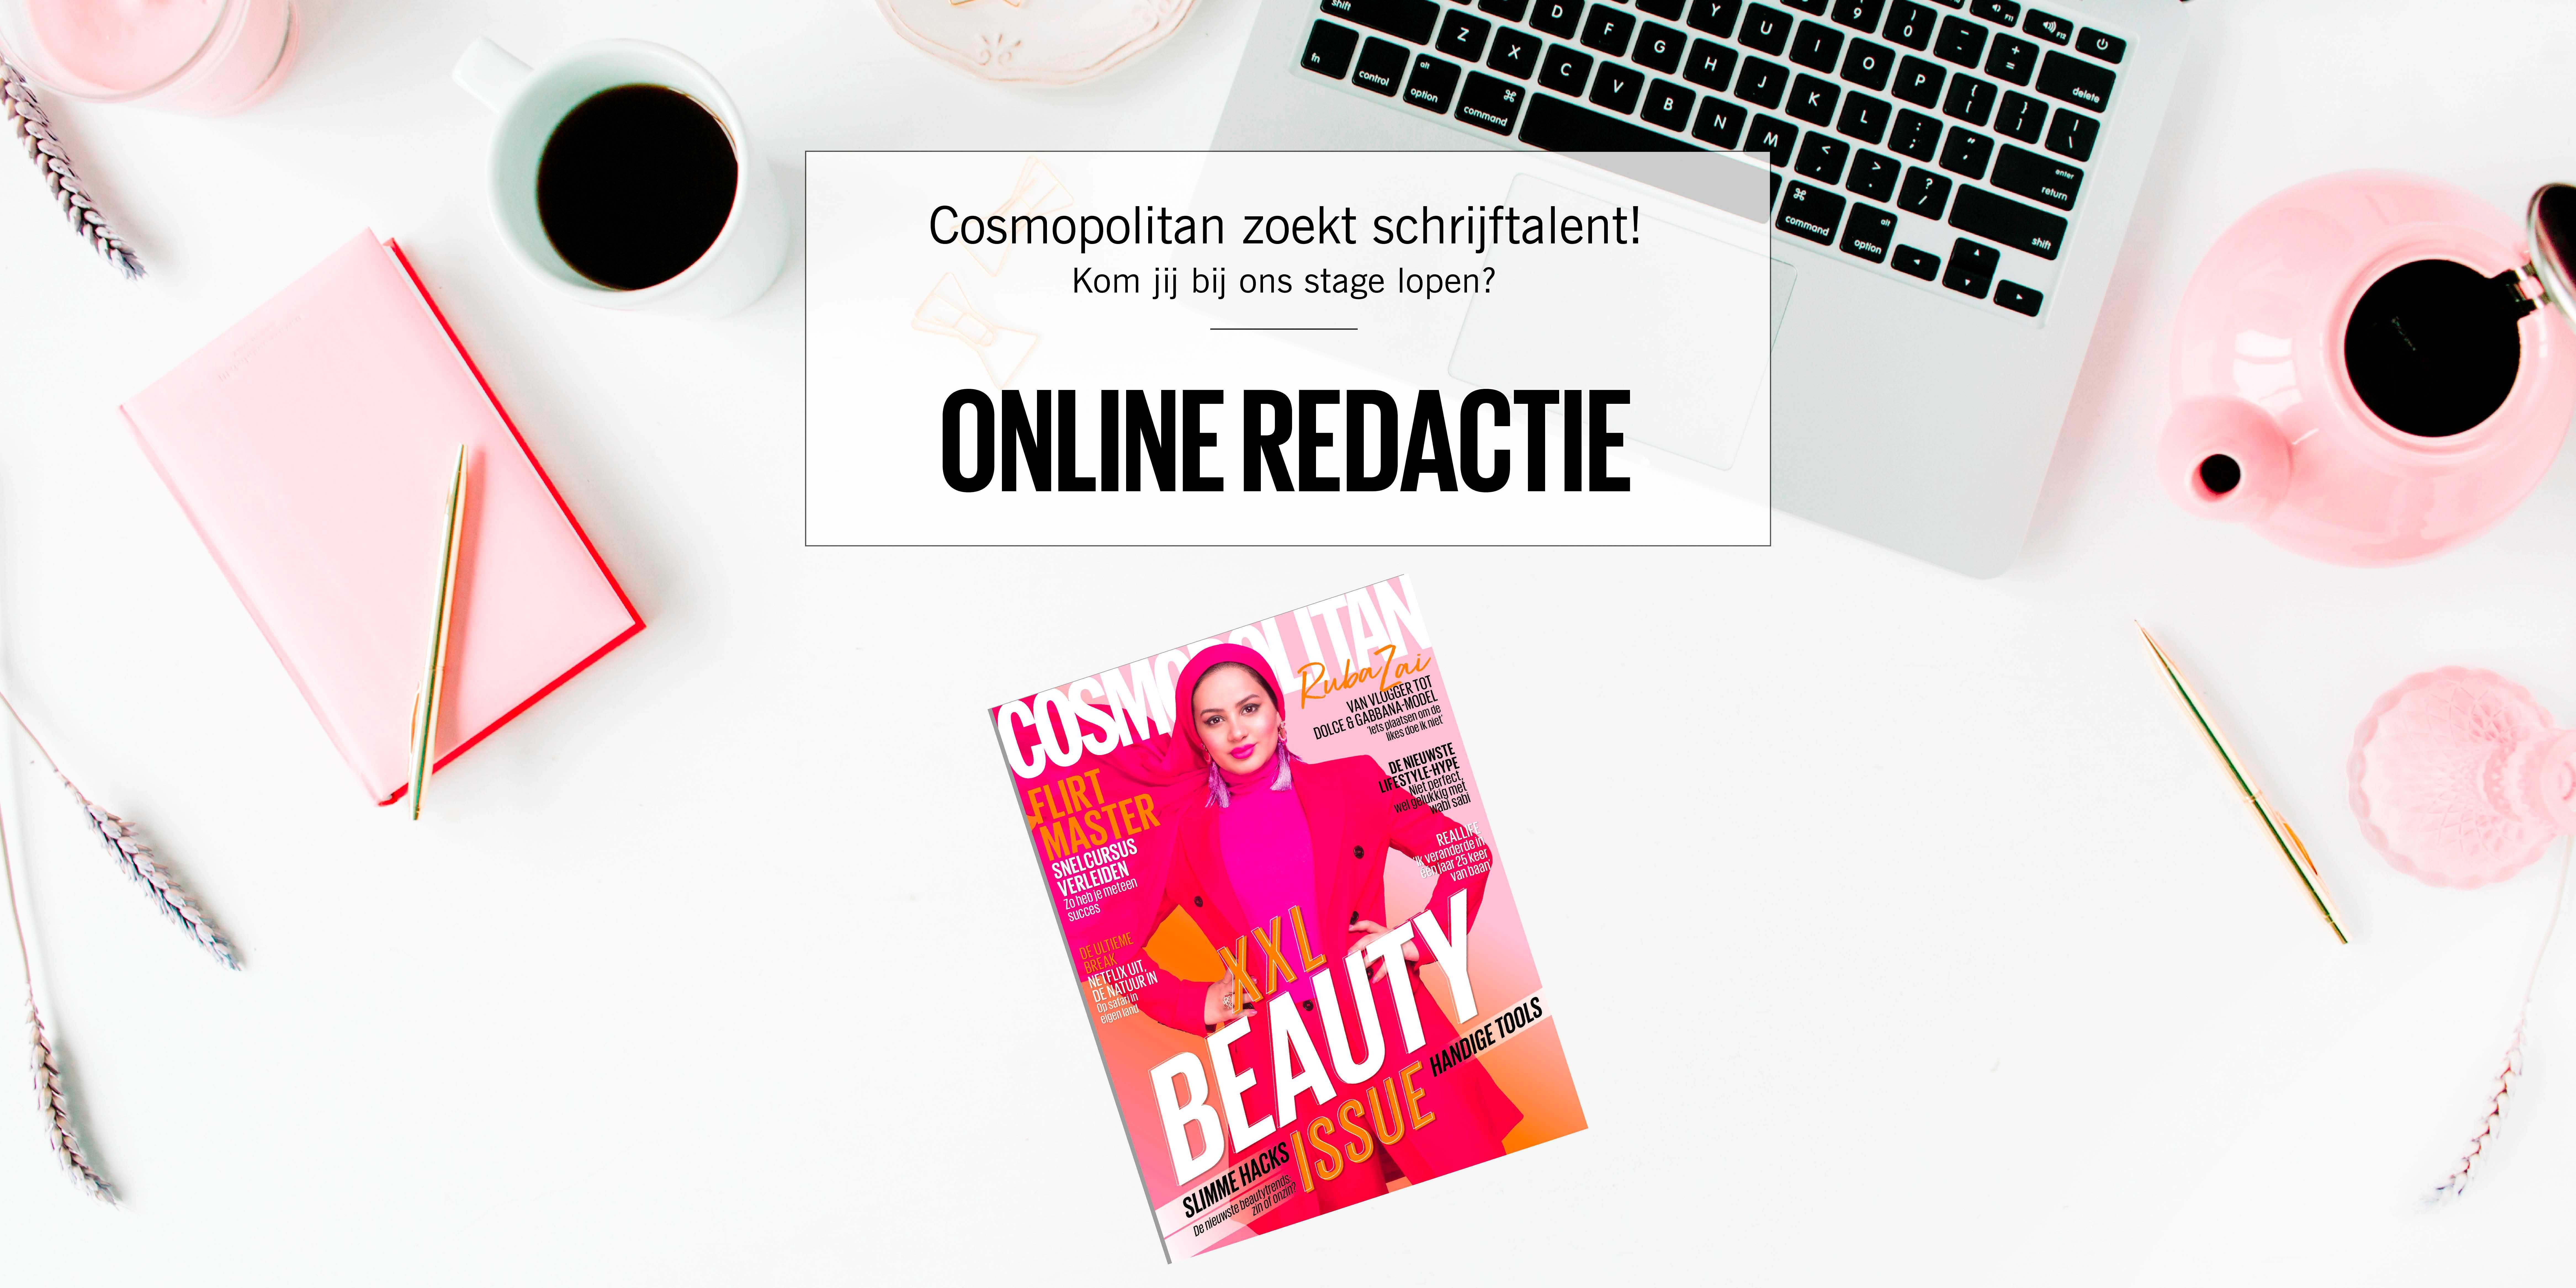 Stage lopen bij Cosmopolitan